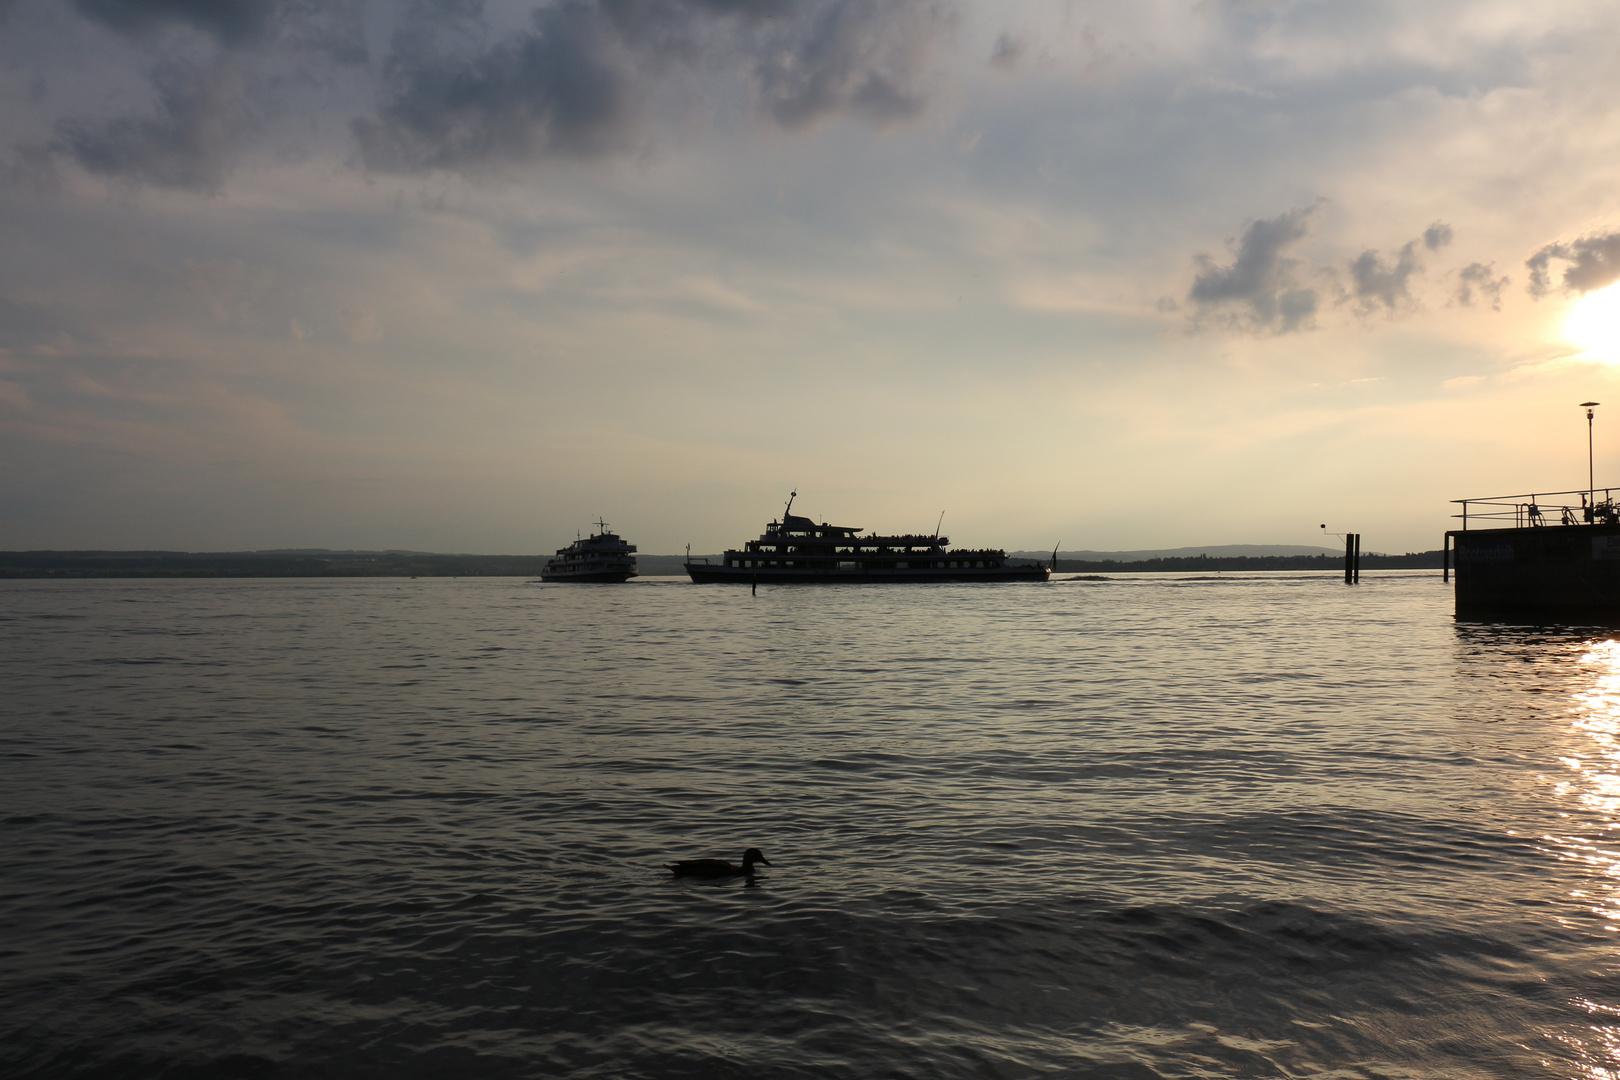 Sonnenuntergang mit Schiffen, Meersburg / Bodensee 2013